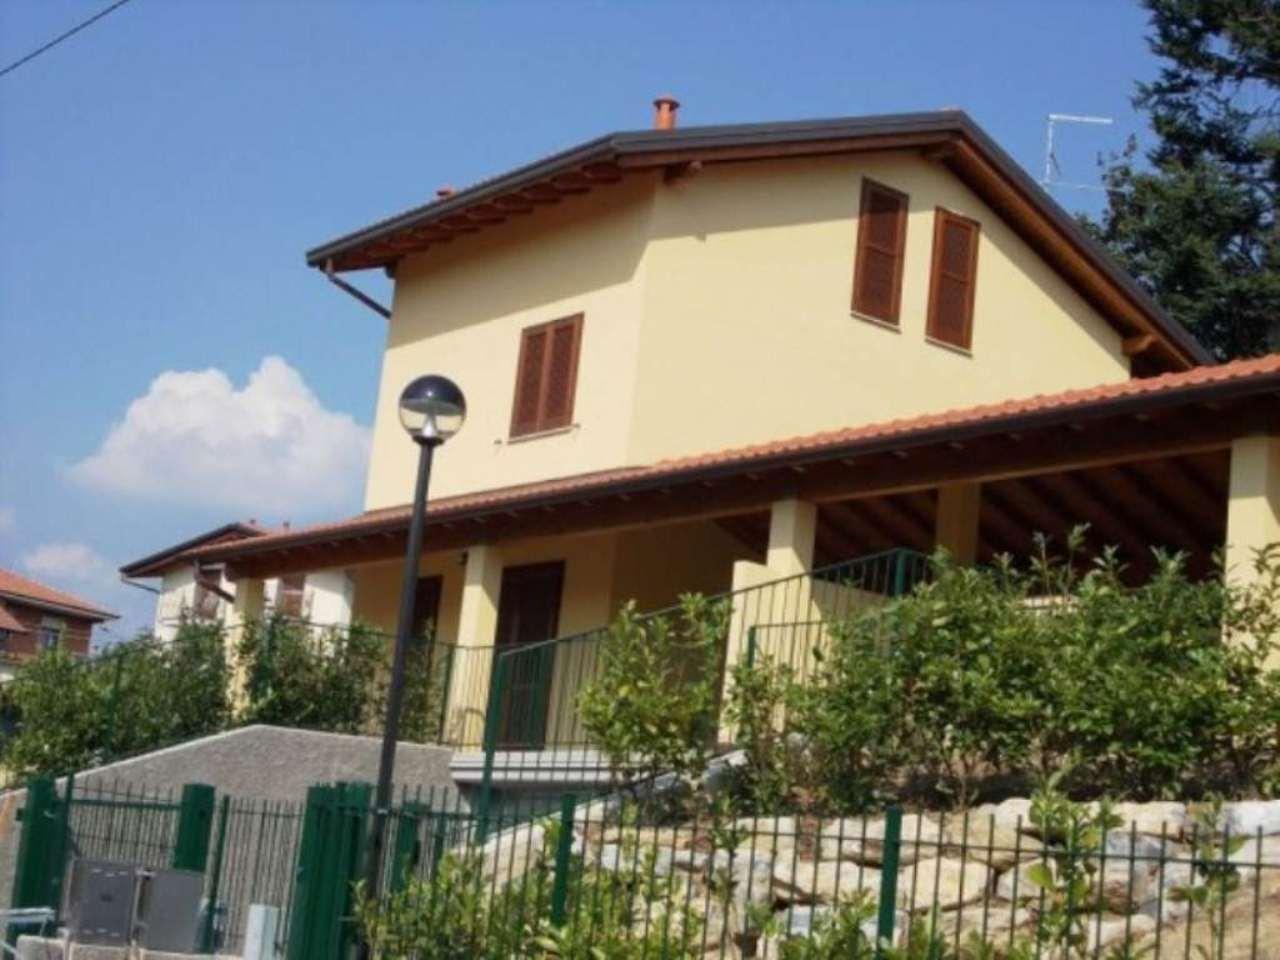 Villa in vendita a Fino Mornasco, 4 locali, prezzo € 365.000 | Cambio Casa.it